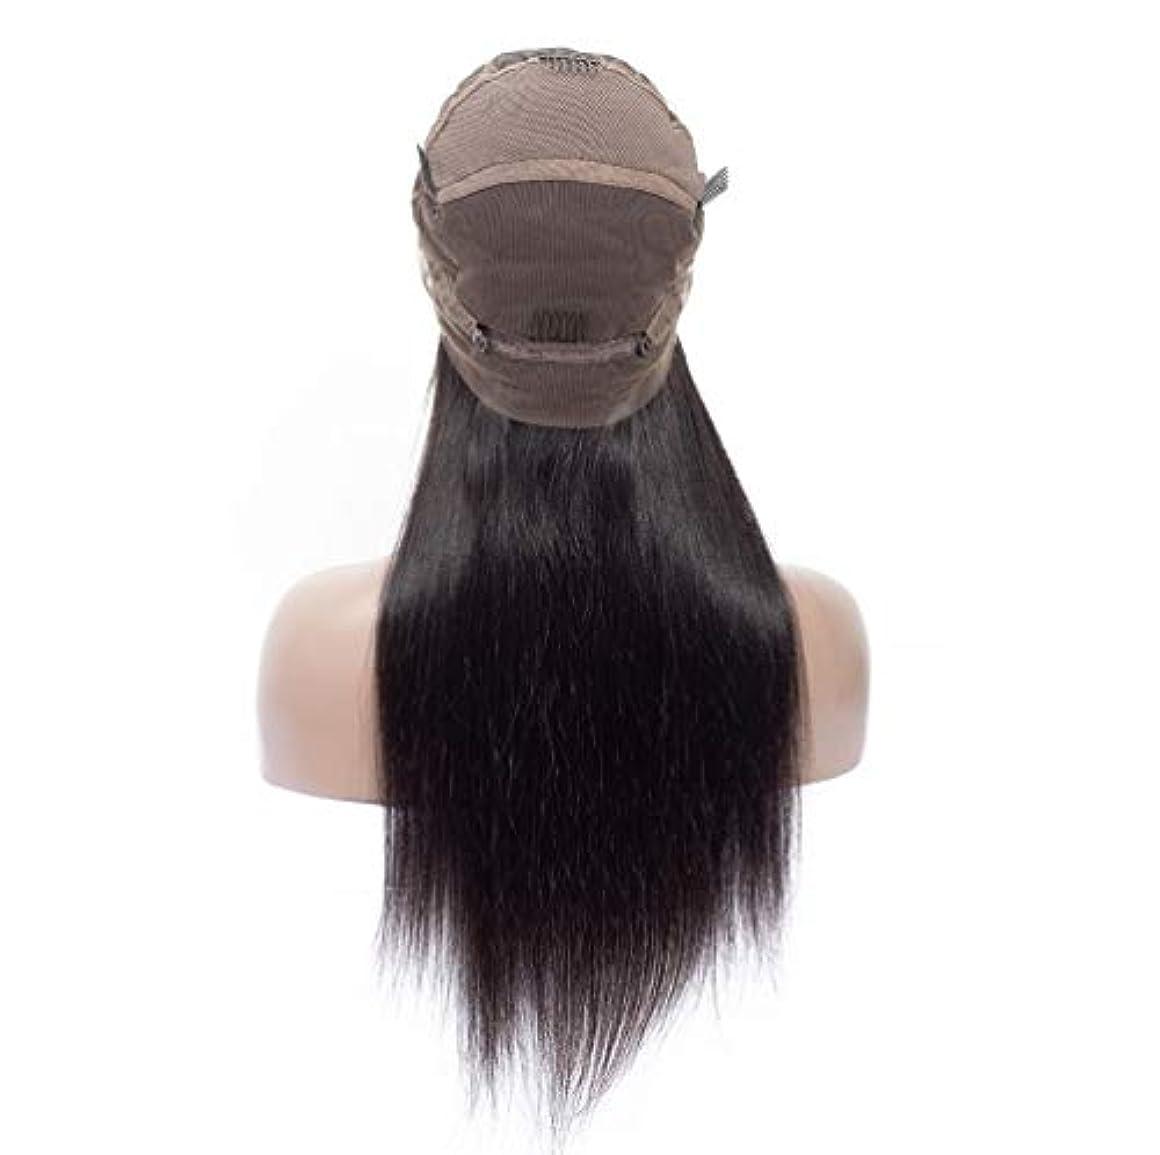 桁民間年金かつらの女性150%の密度の毛のブラジル人のRemyの人間の毛髪のまっすぐな毛のかつらの赤ん坊の毛